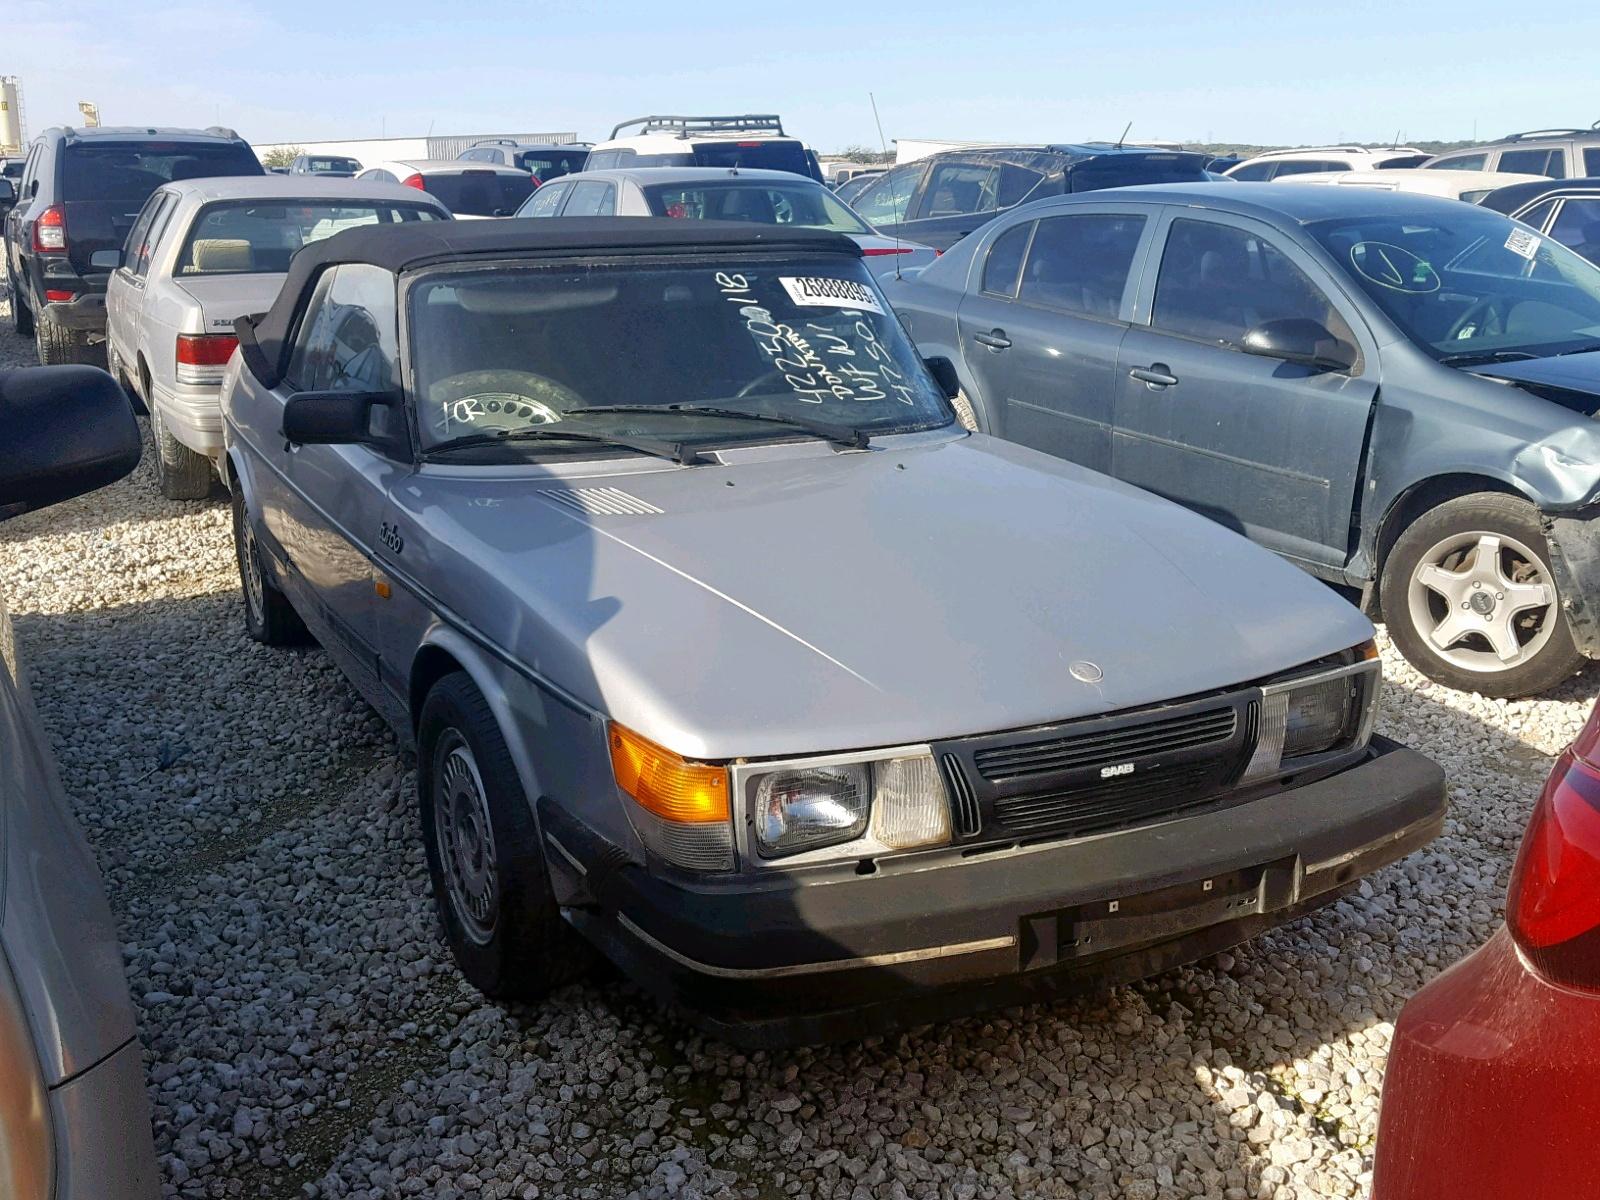 YS3AD75L7G7025556 - 1986 Saab 900 2.0L Left View